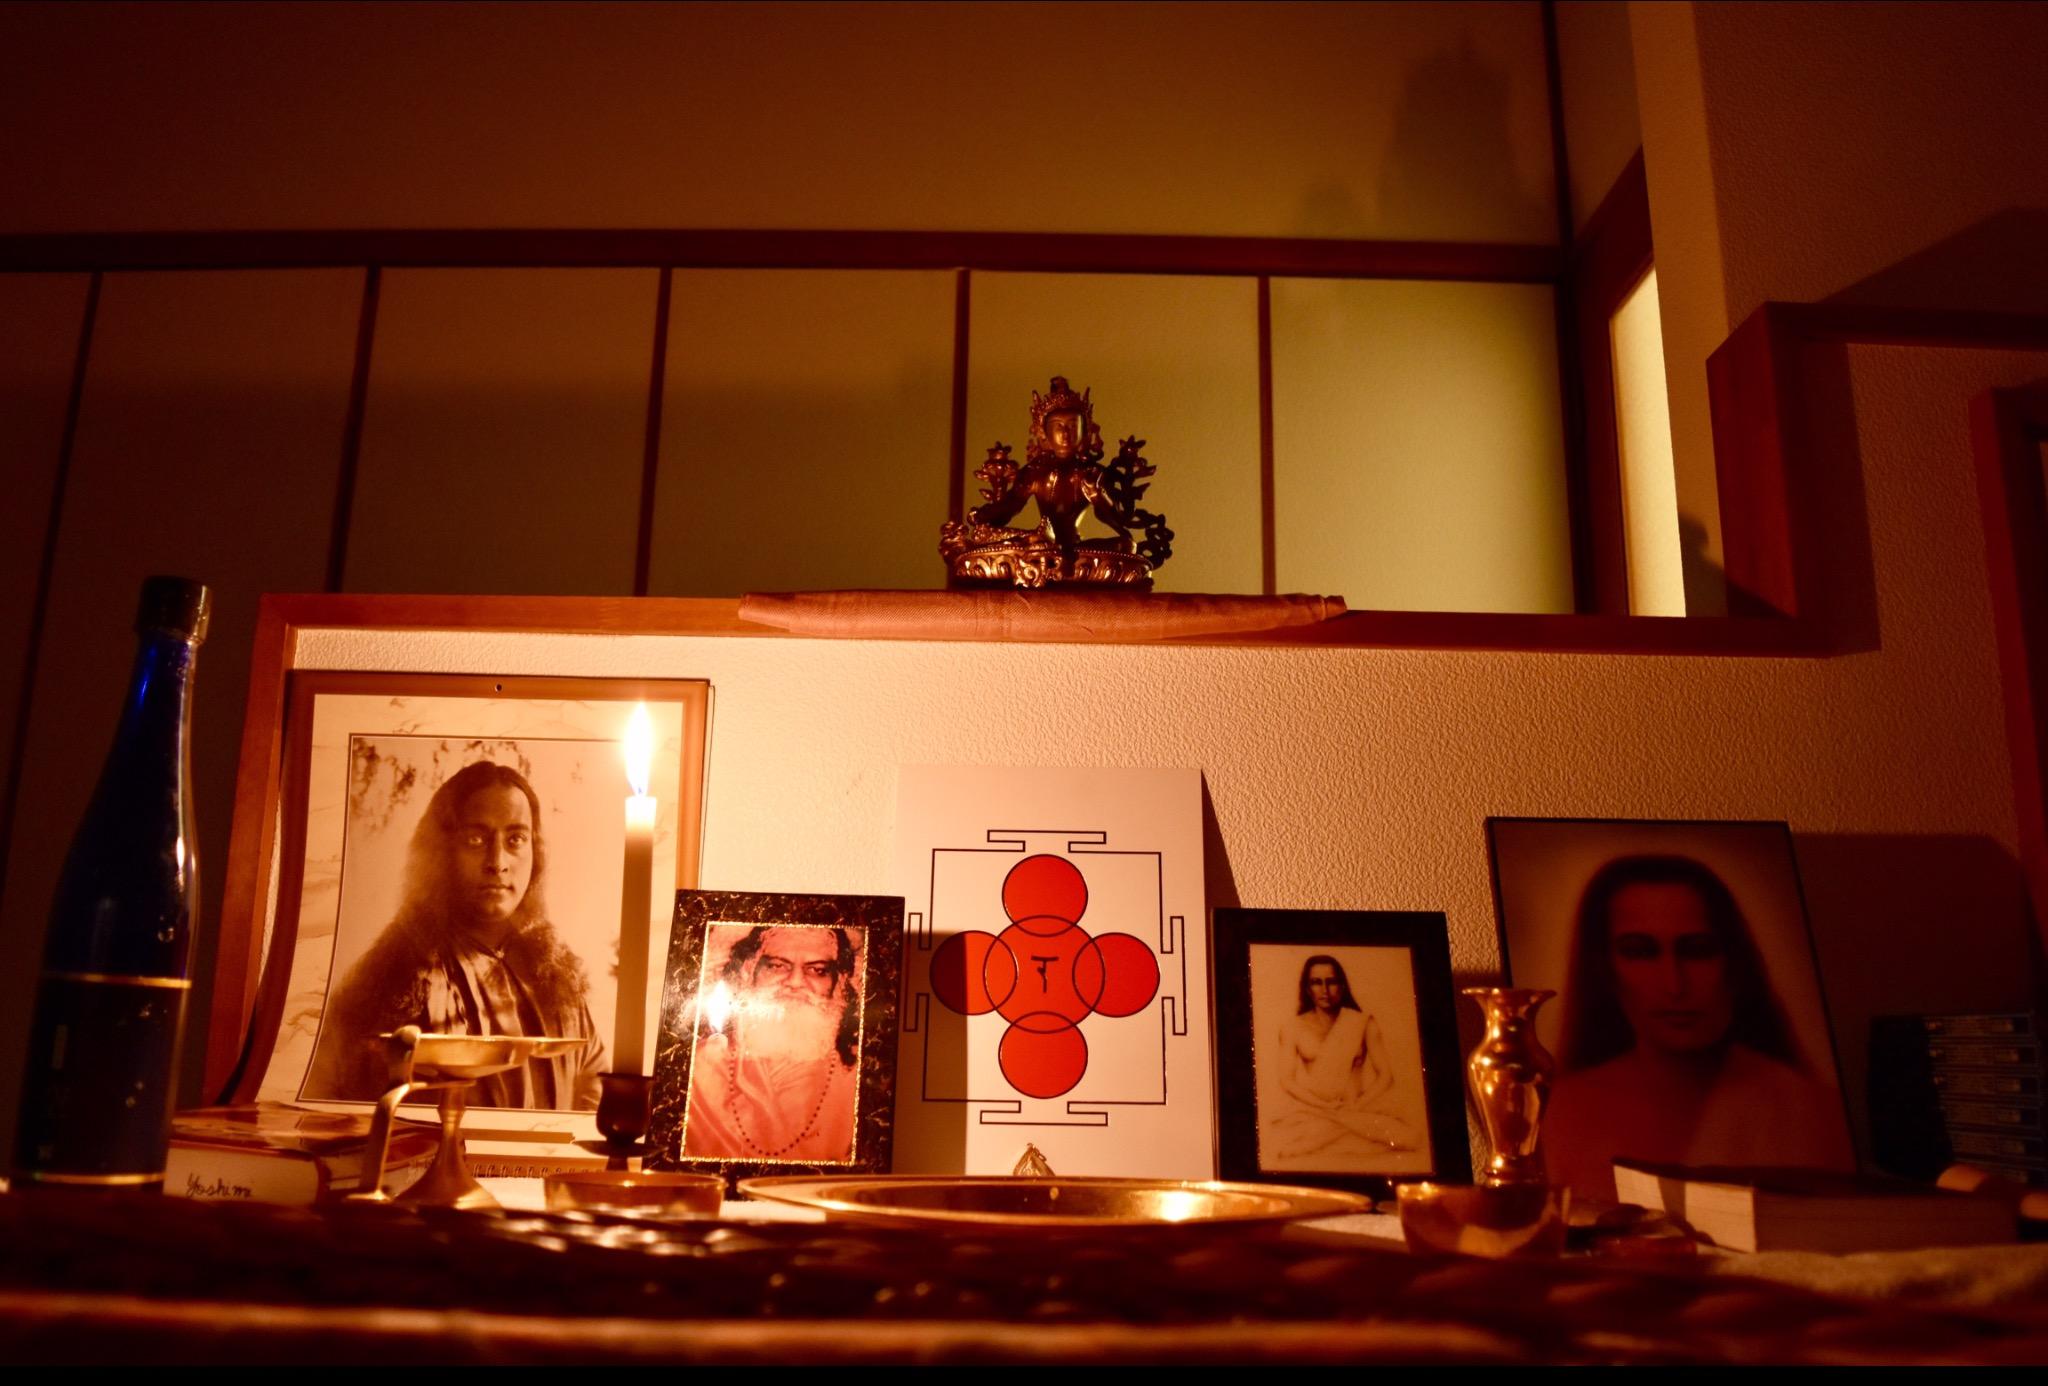 宿泊瞑想リトリート、事前準備の巻。